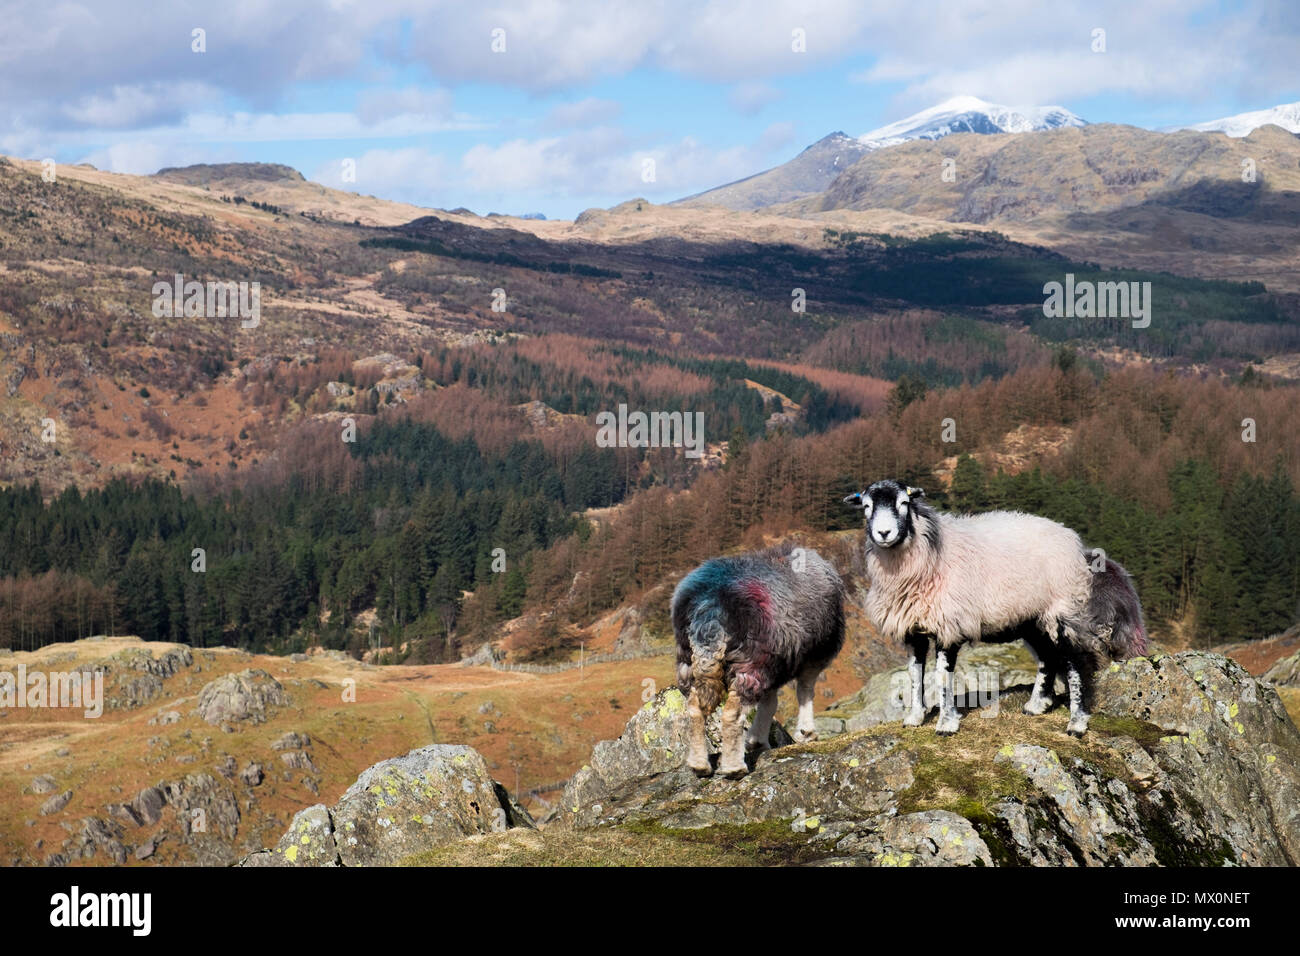 Herdwick sheep on outcrop near Seathwaite Tarn, Lake District, England - Stock Image